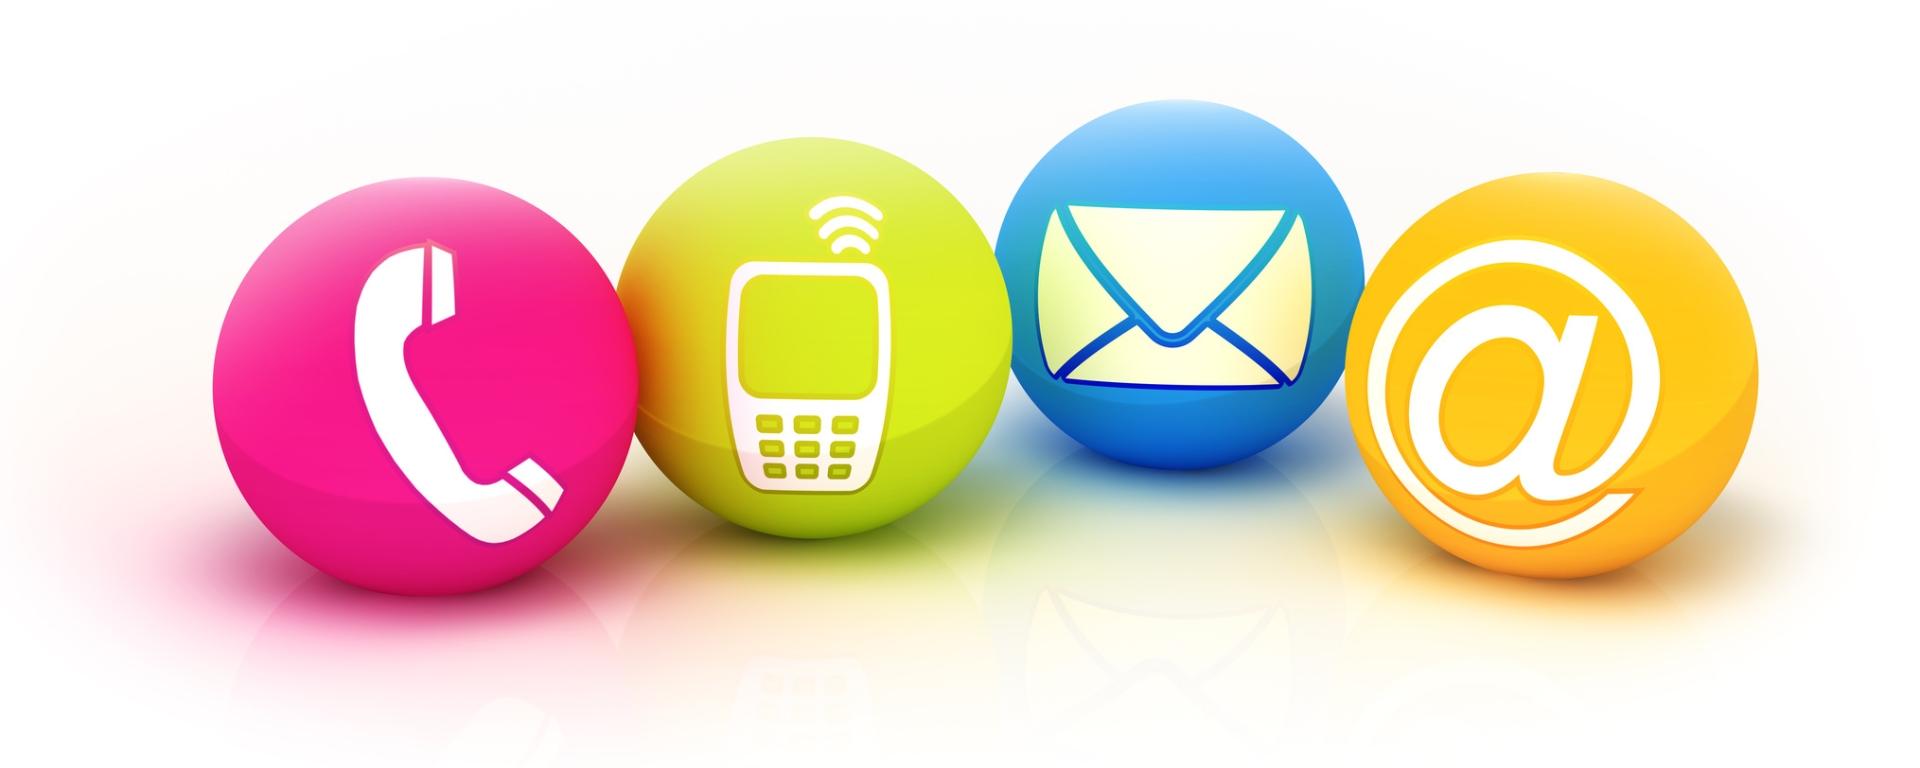 Une envie pressante de Bougies de massage ? Joignez nous par mail, téléphone, Facebook ou via notre formulaire !